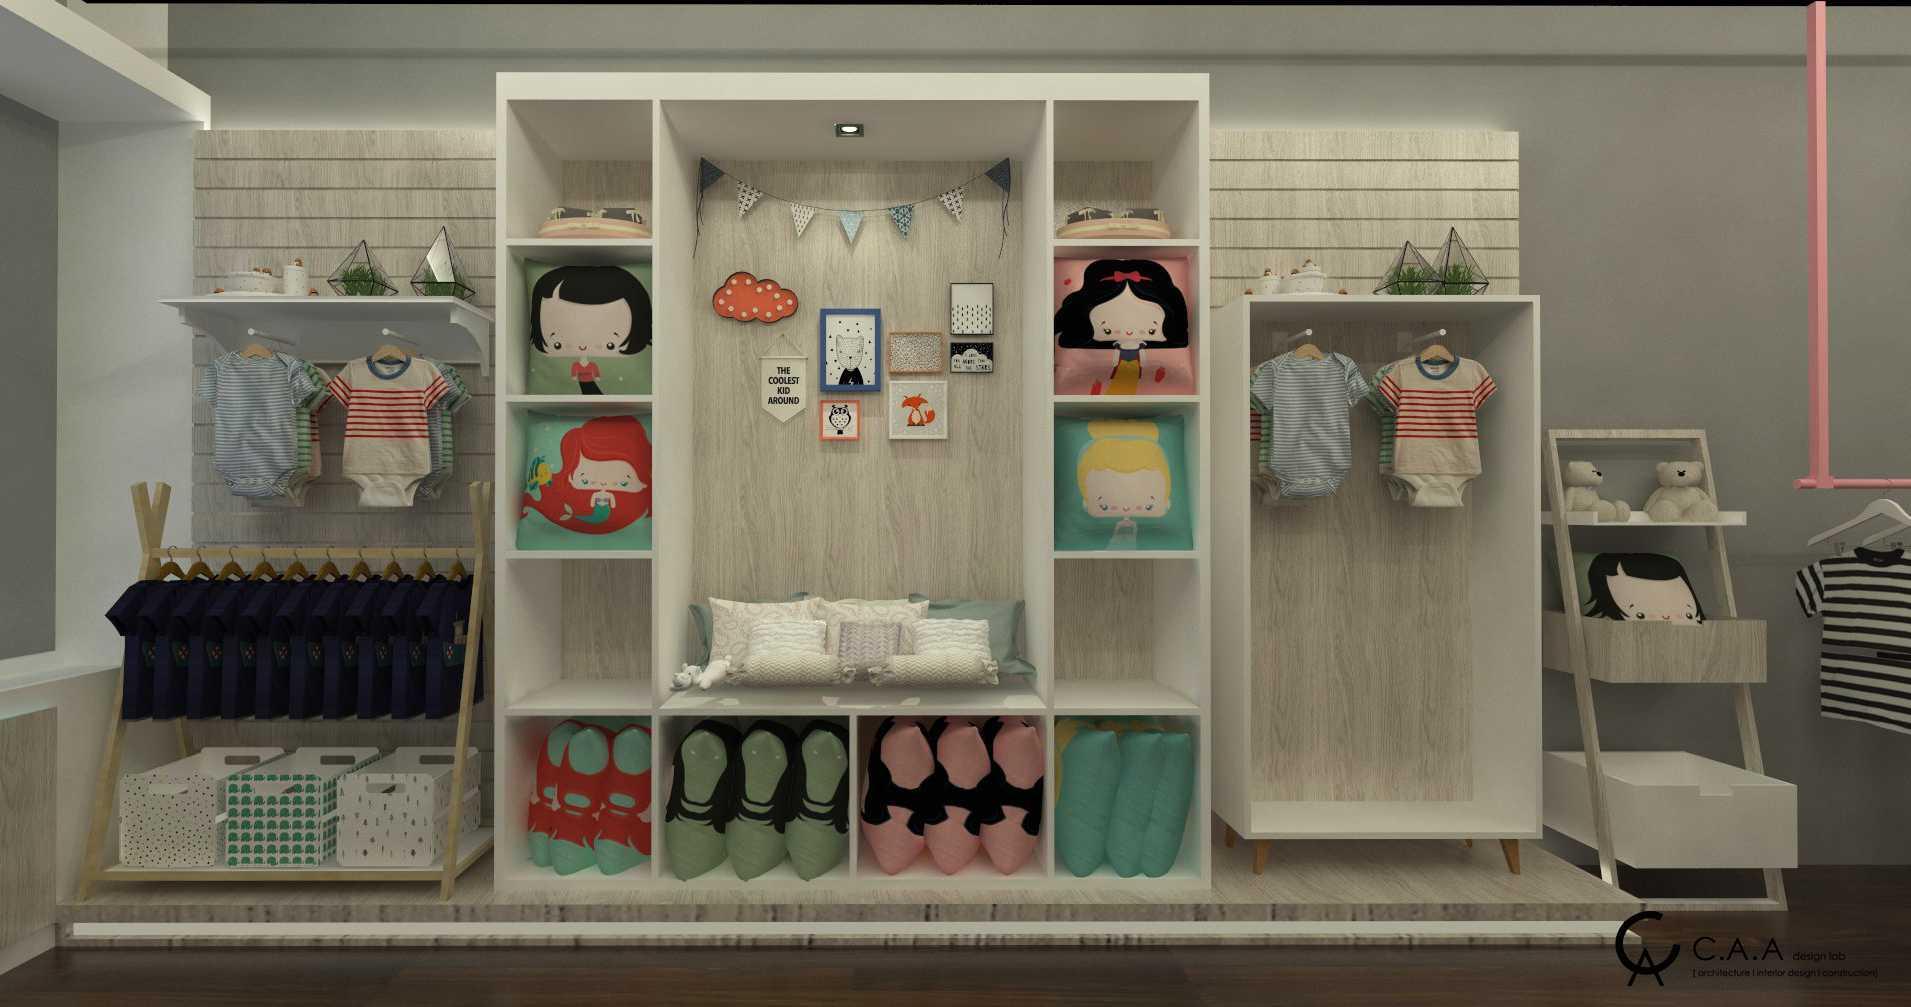 Ada Design Studio Fantasia Baby Shop Cbd Gading Serpong, Ruko 7Cs, Df1/3, Curug Sangereng, Klp. Dua, Tangerang, Banten 15810, Indonesia Cbd Gading Serpong, Ruko 7Cs, Df1/3, Curug Sangereng, Klp. Dua, Tangerang, Banten 15810, Indonesia Ada-Design-Lab-Fantasia-Baby-Shop  67454